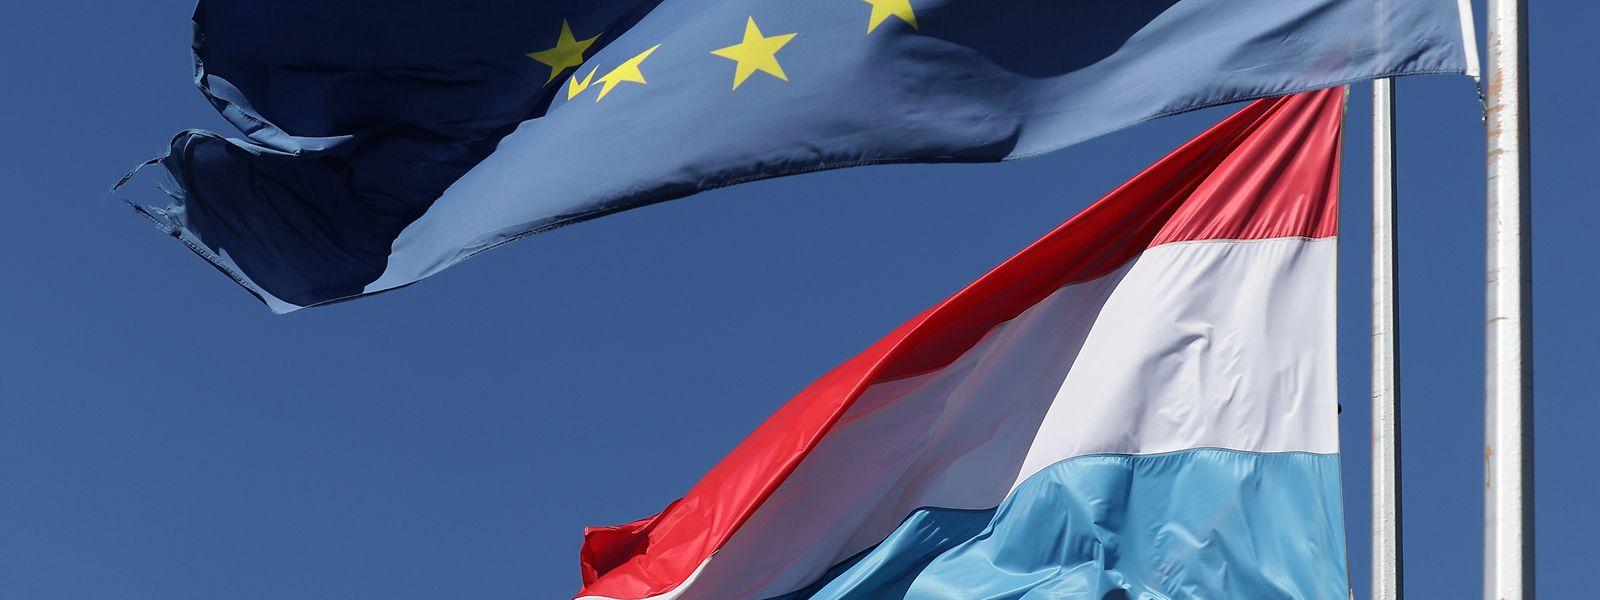 Le recours à l'article 116 du traité de l'UE pourrait amener à une bataille importante au sein même des Etats membres sur la question de la fiscalité des multinationales.